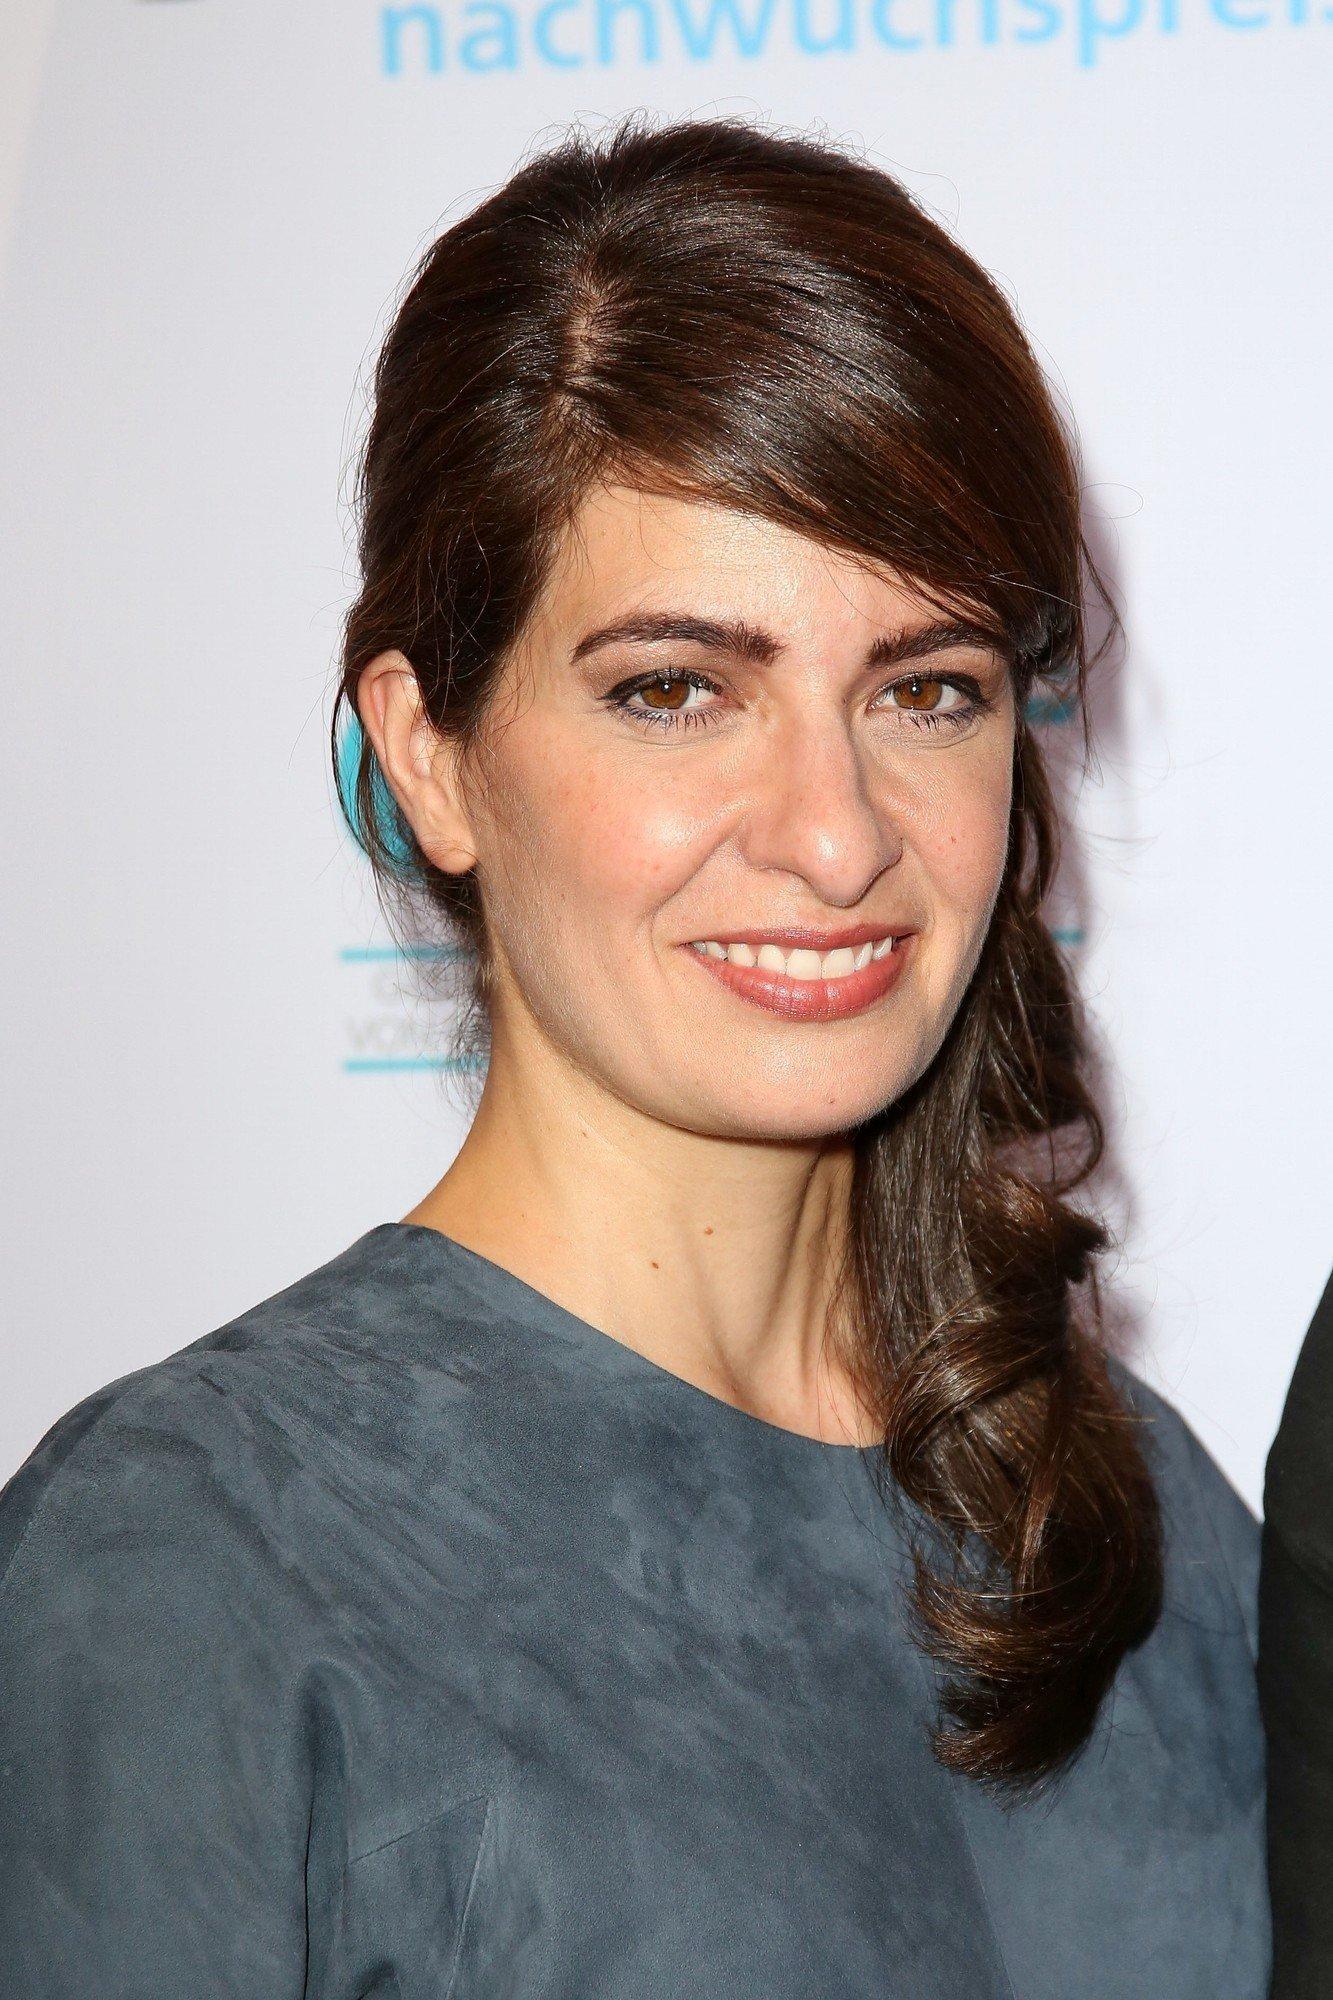 Linda Zerwakis